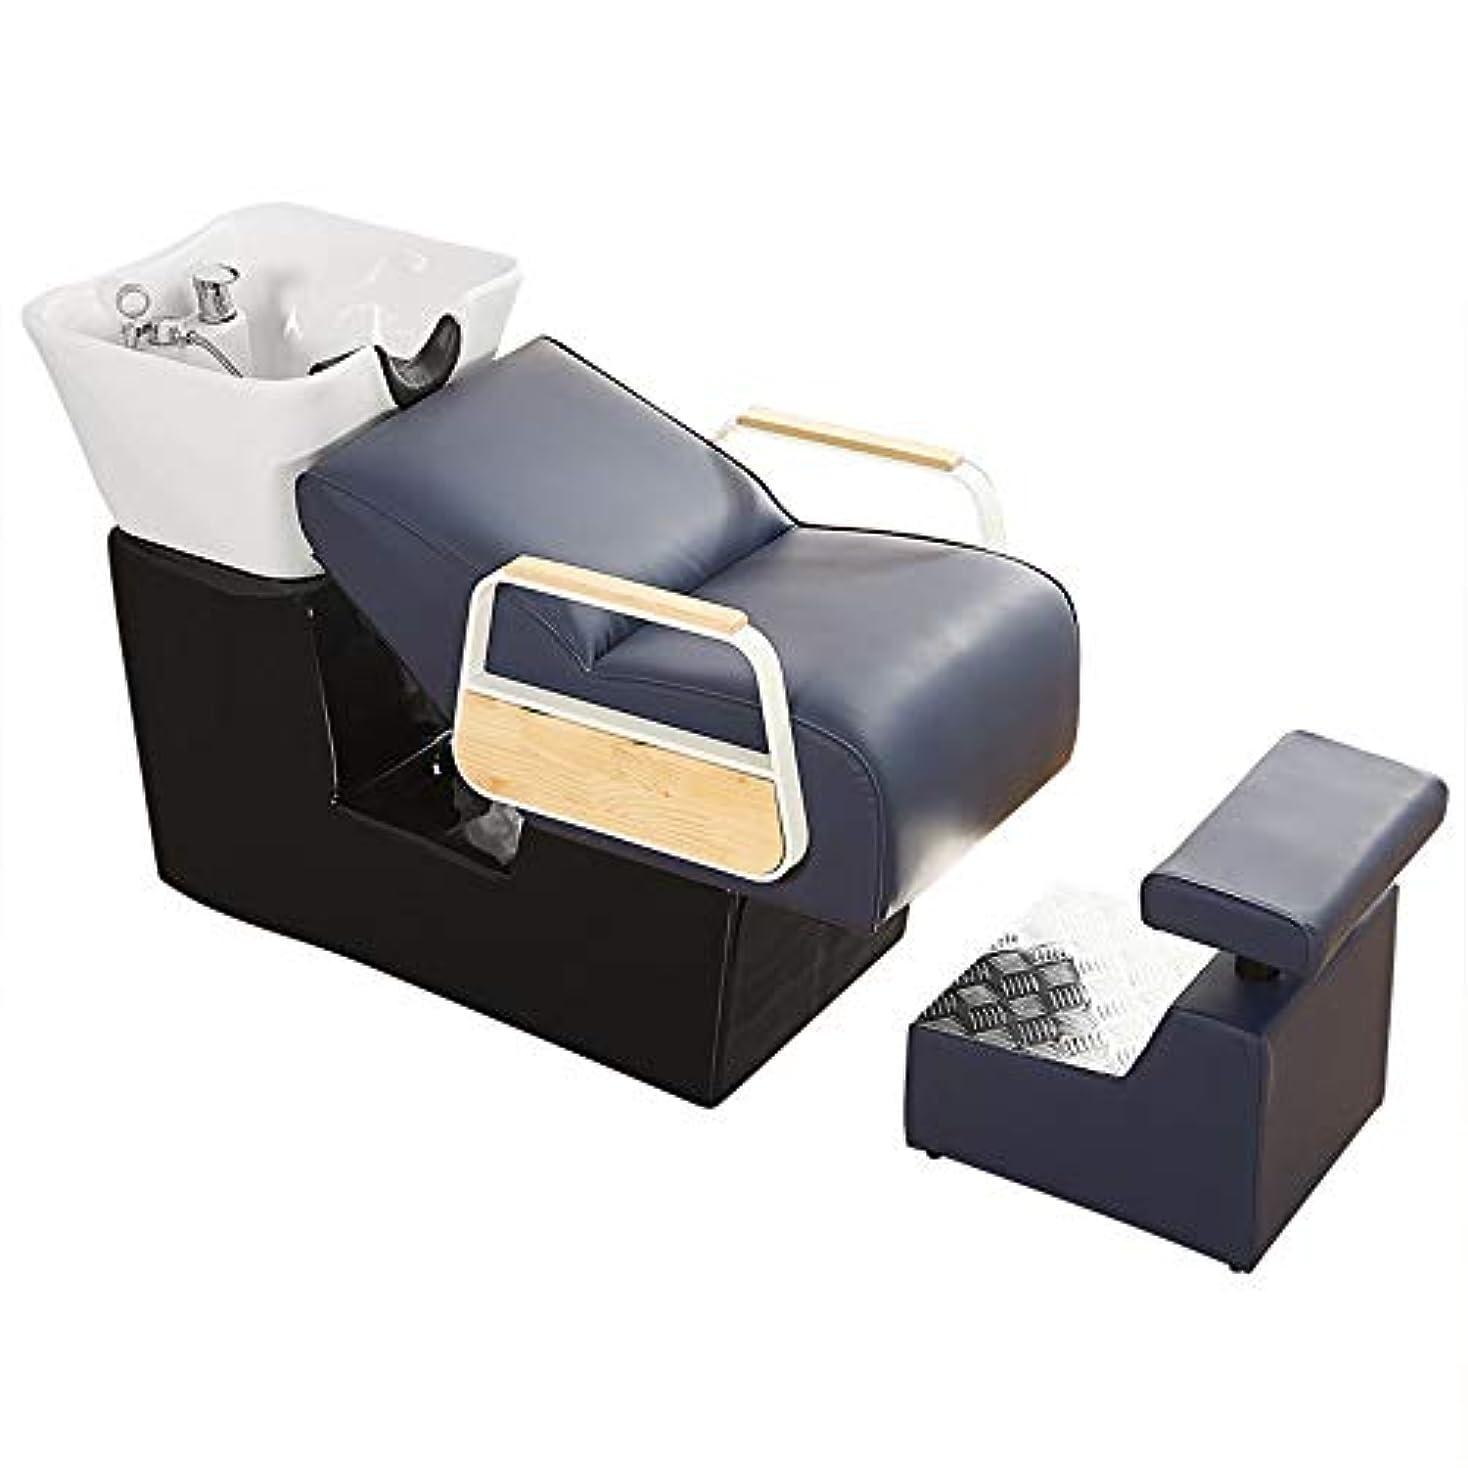 頑固な校長レルムシャンプーの椅子、逆洗の単位の陶磁器の洗面器の洗面器のための洗面器のボウル理髪シンクの椅子